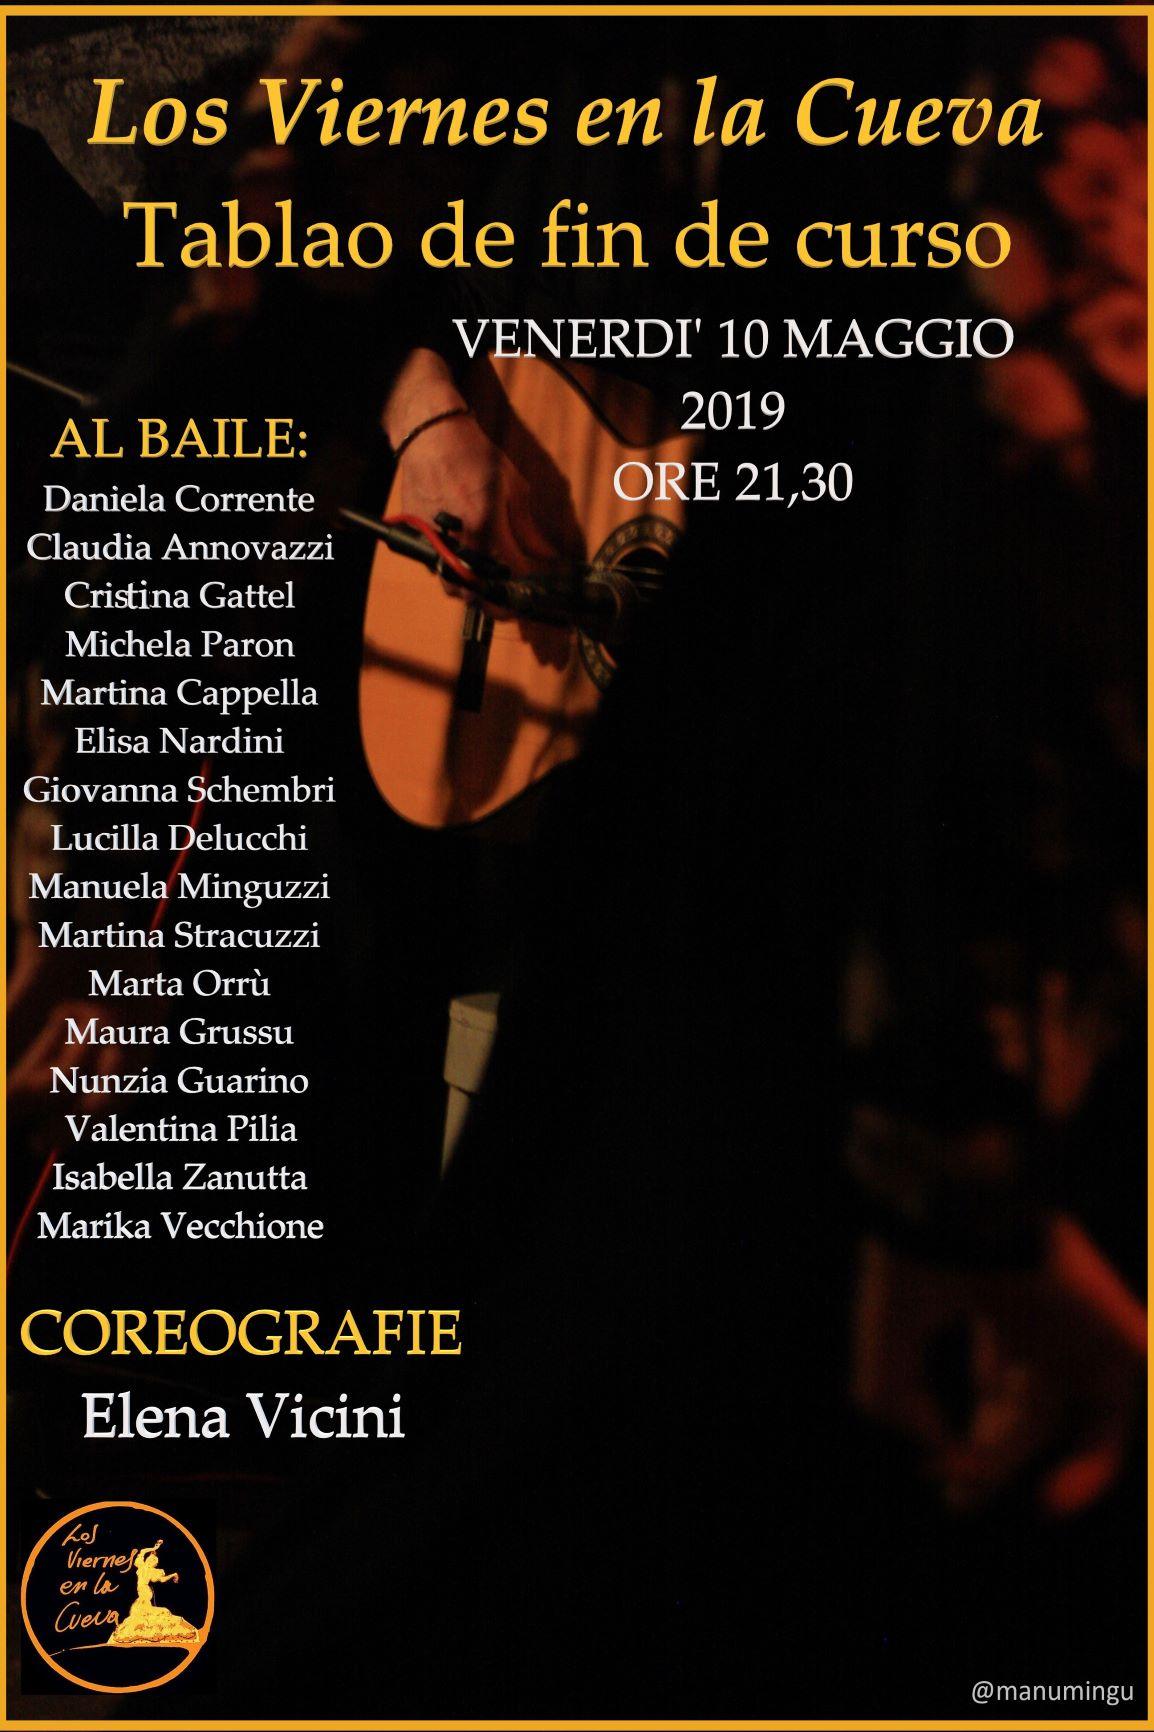 Tablao flamenco nel cuore di Bologna Los viernes en la cueva